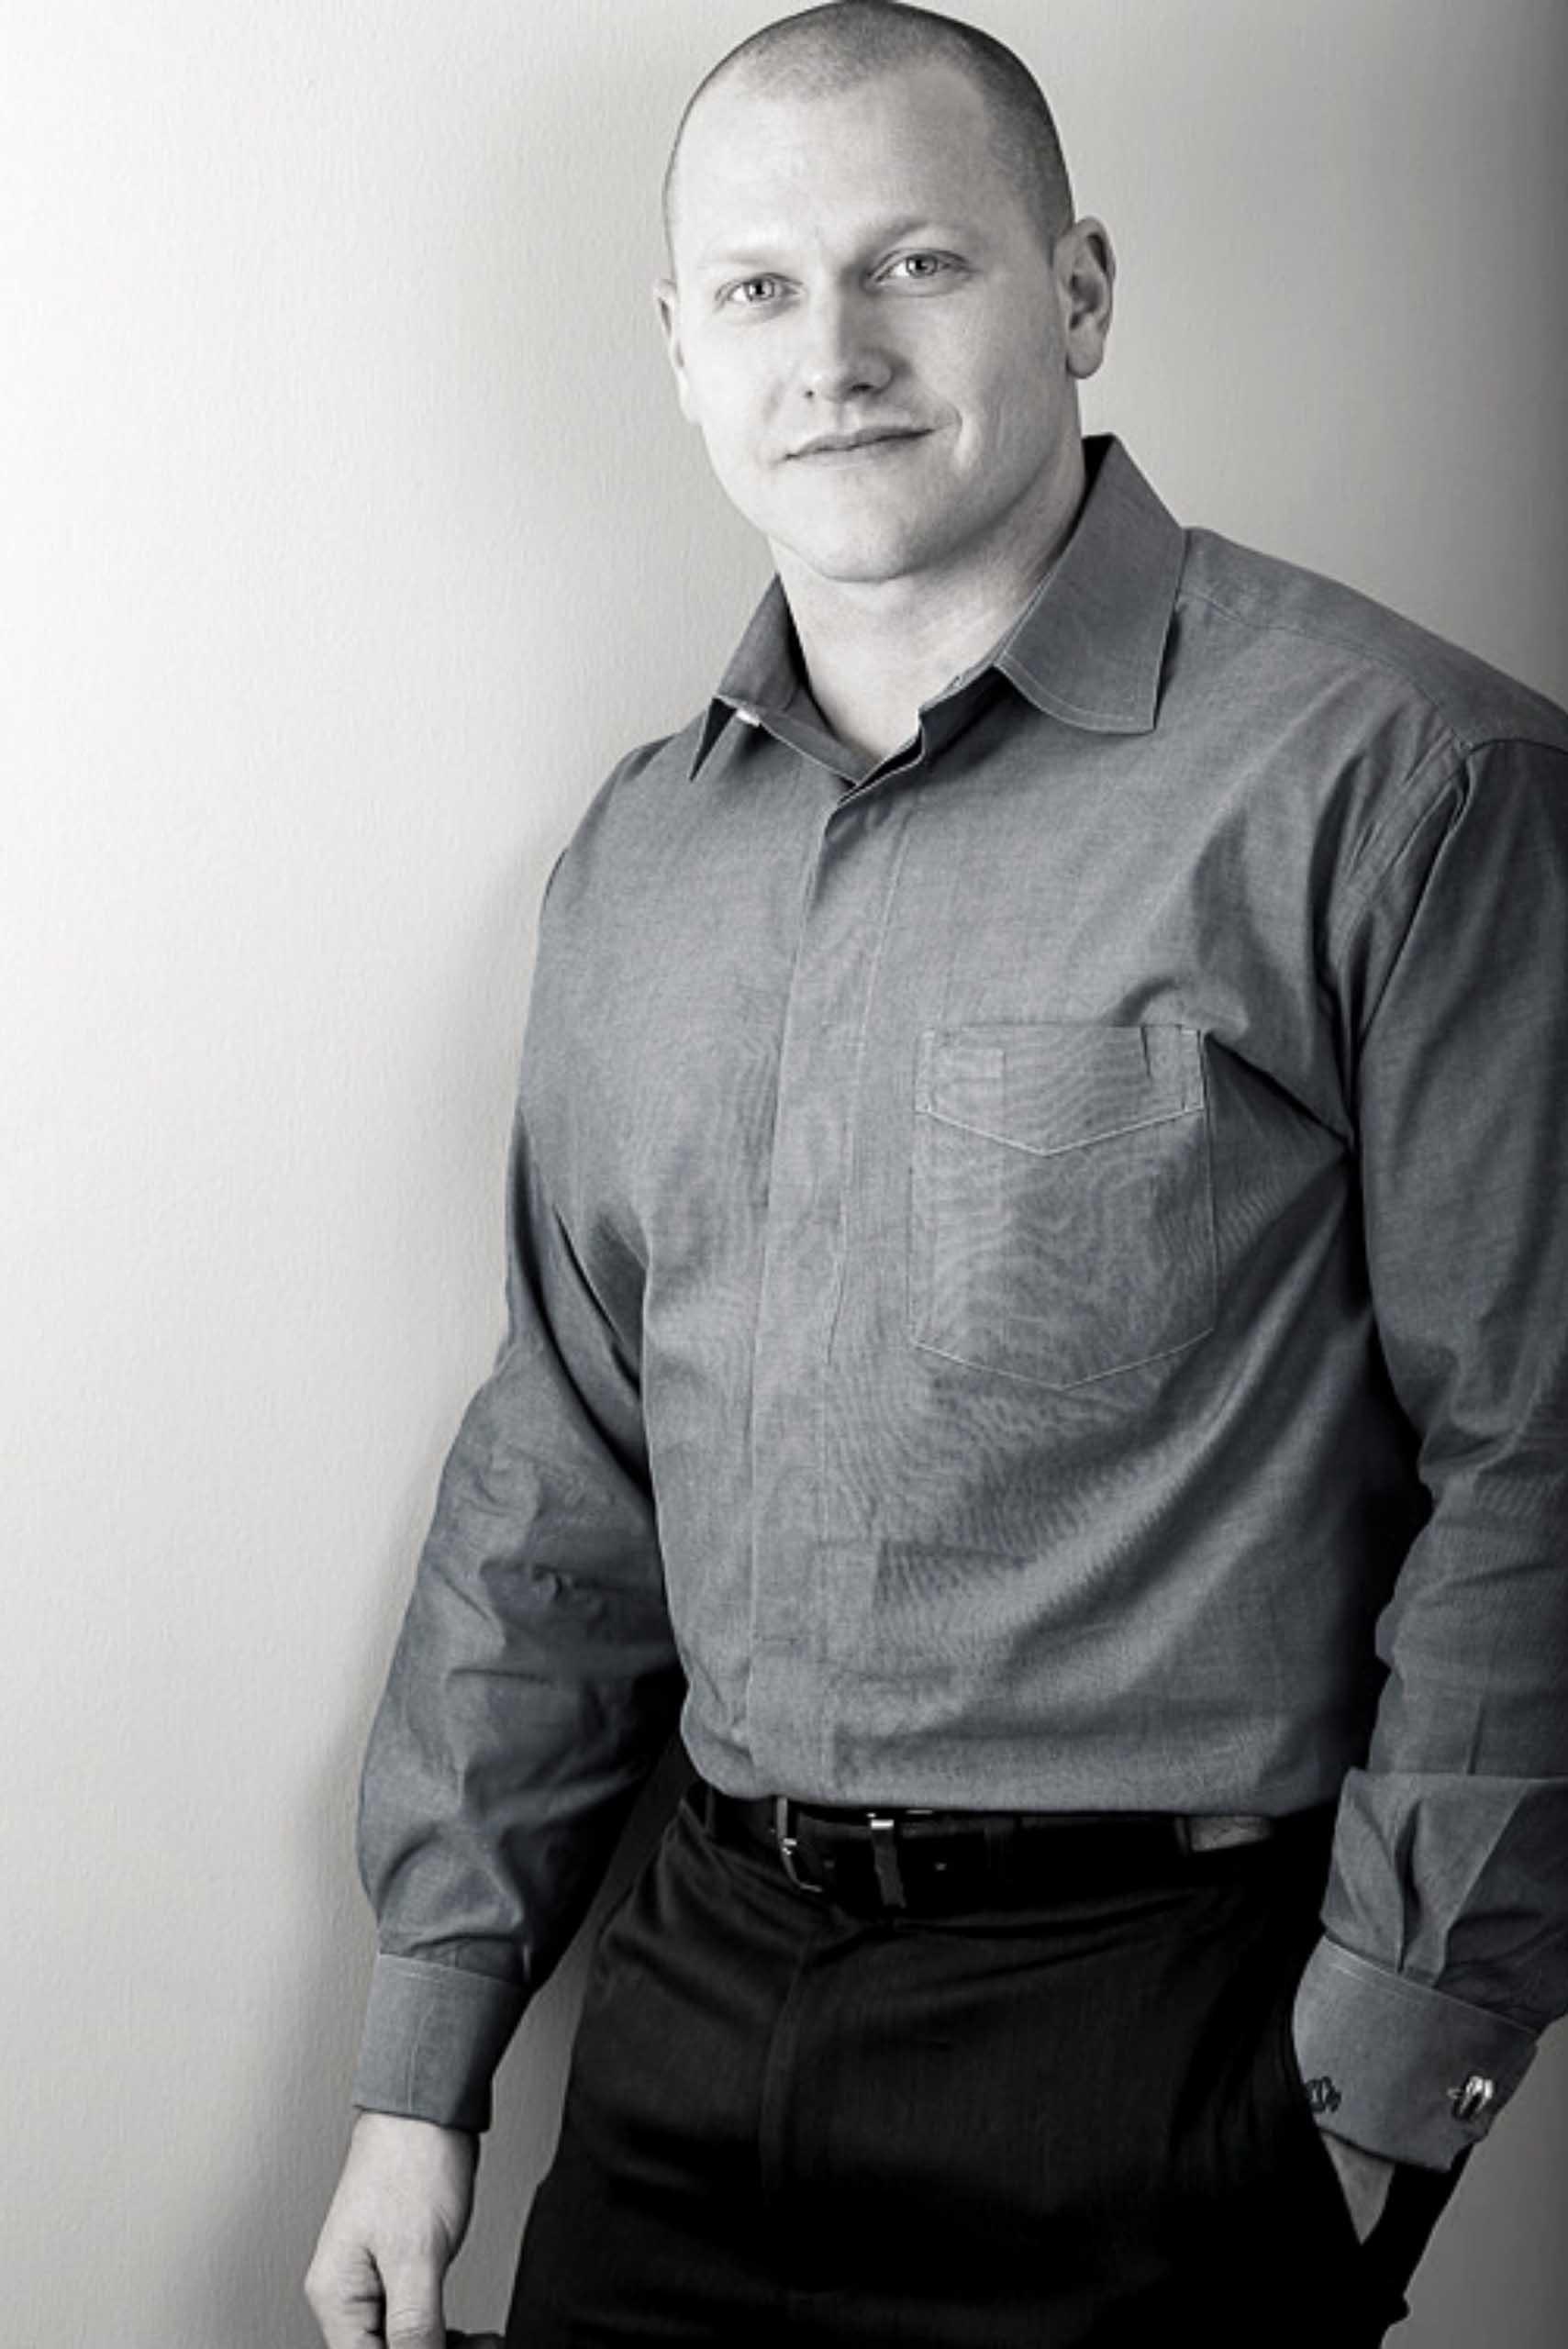 Ryan-Scott-Bio-Picture